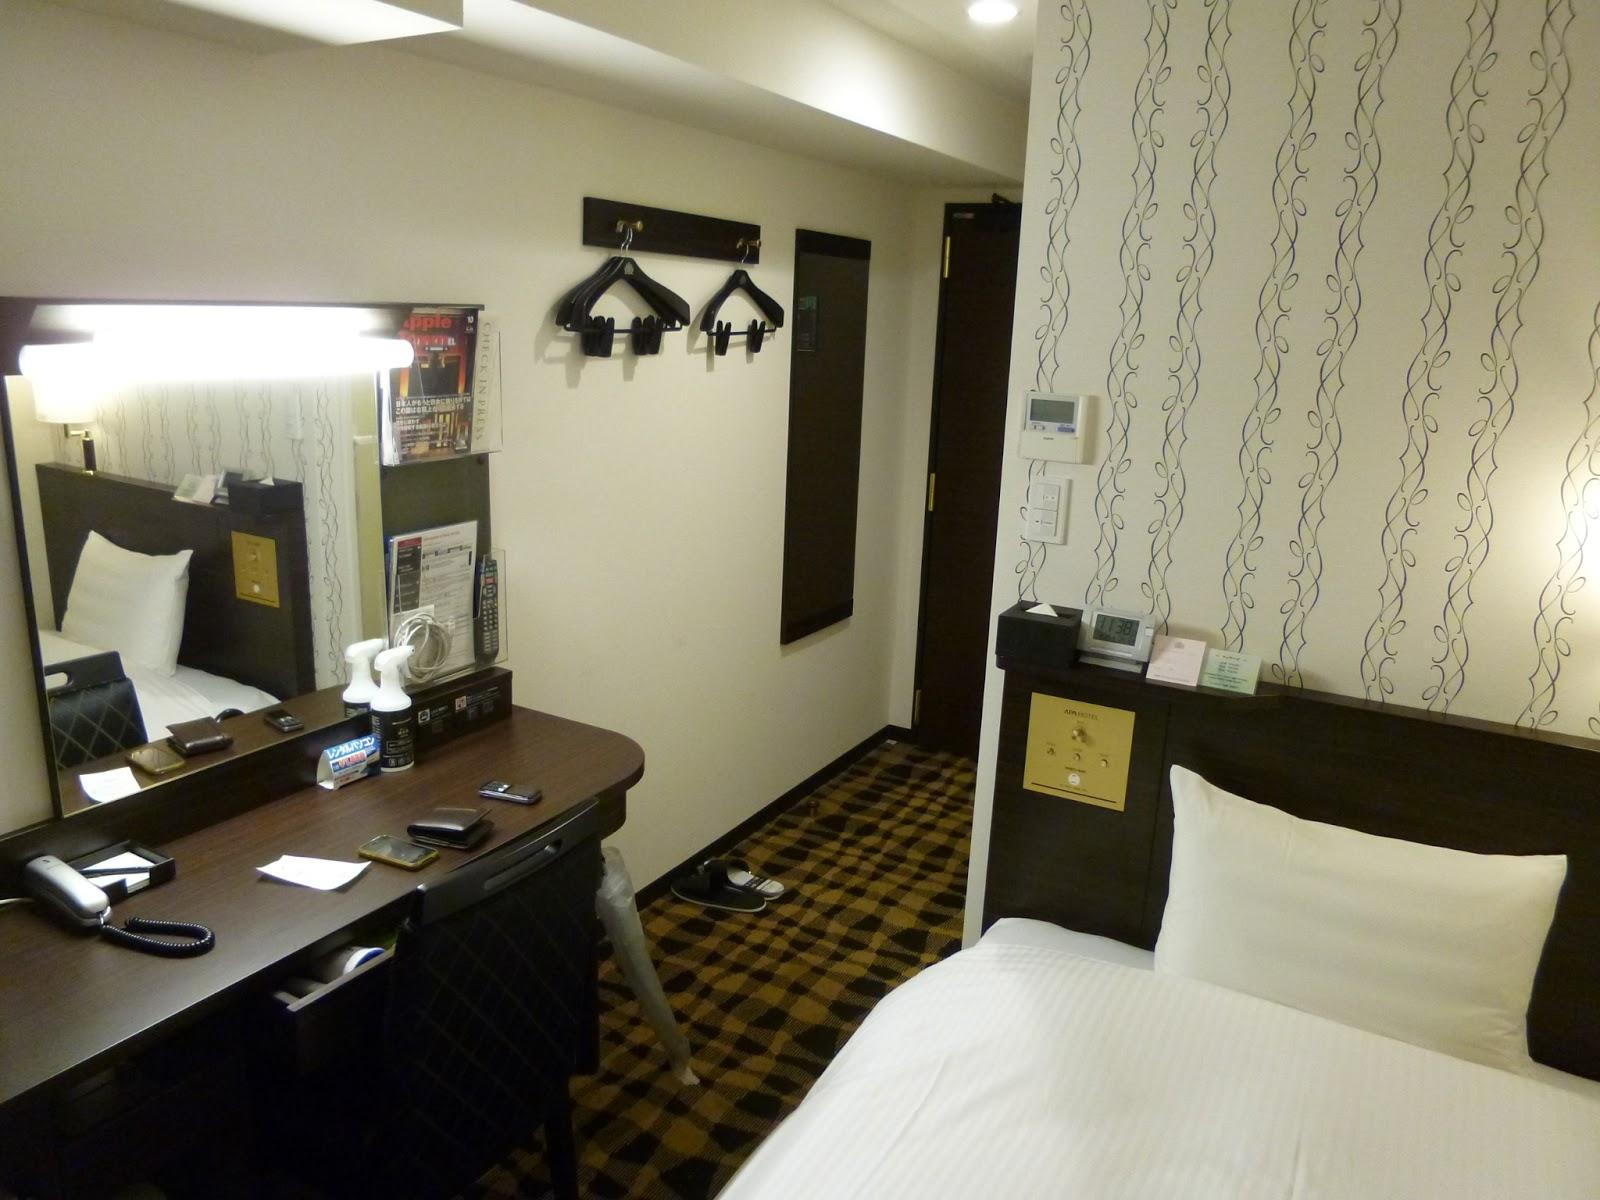 Un mexicano en jap n cu nto cuesta un hotel en jap n for Cuanto cuesta una habitacion en un hotel